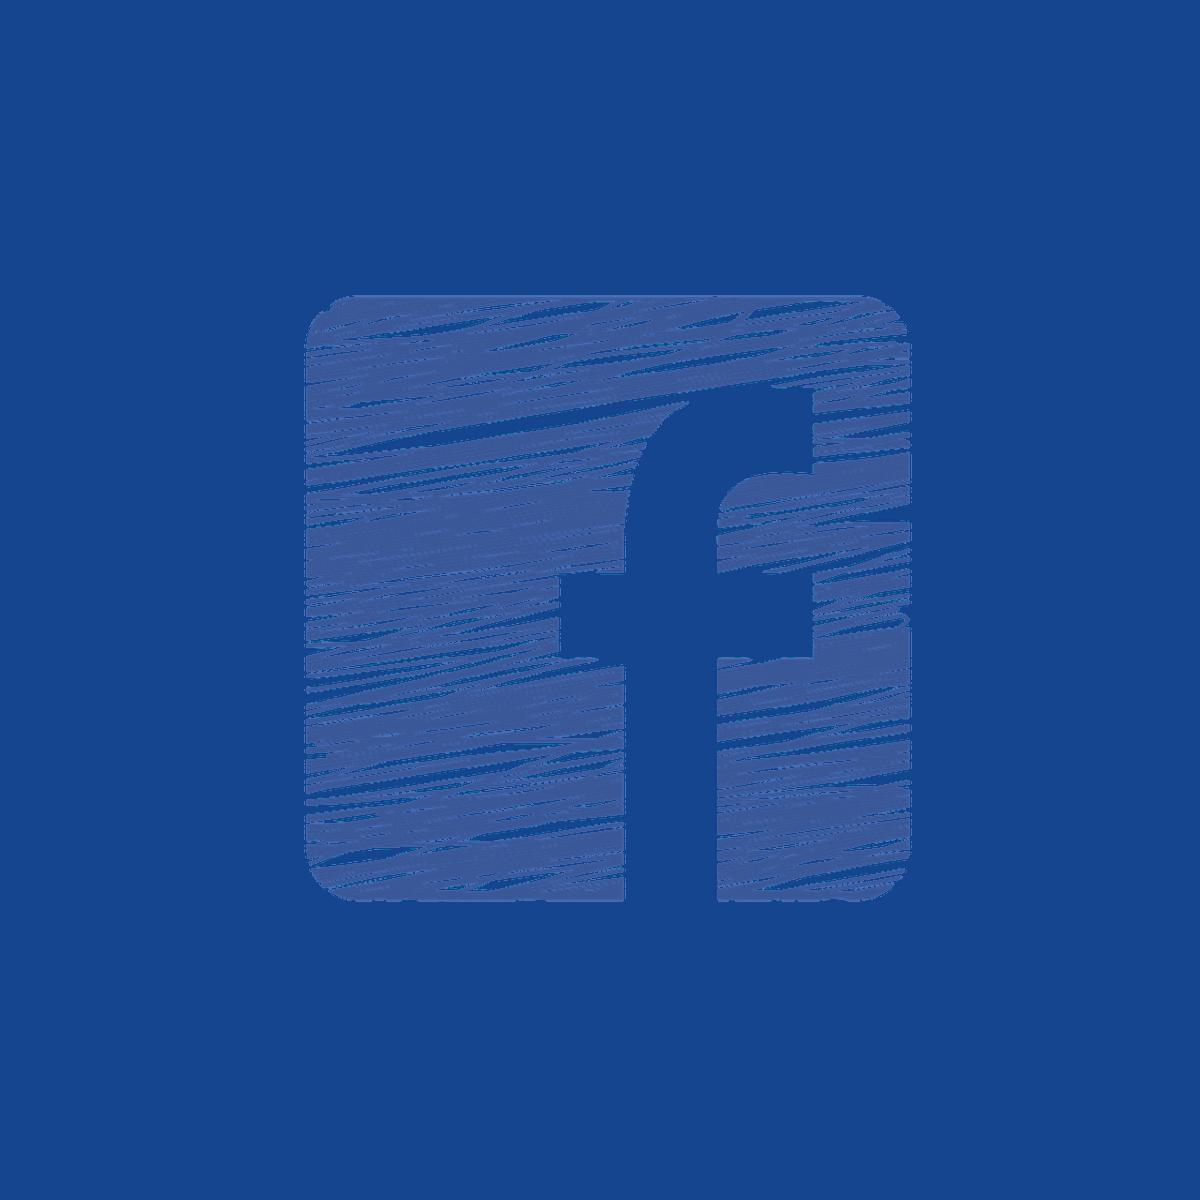 האם אפשר לפרסם מוצרי קנאביס וCBD בפייסבוק ובגוגל?